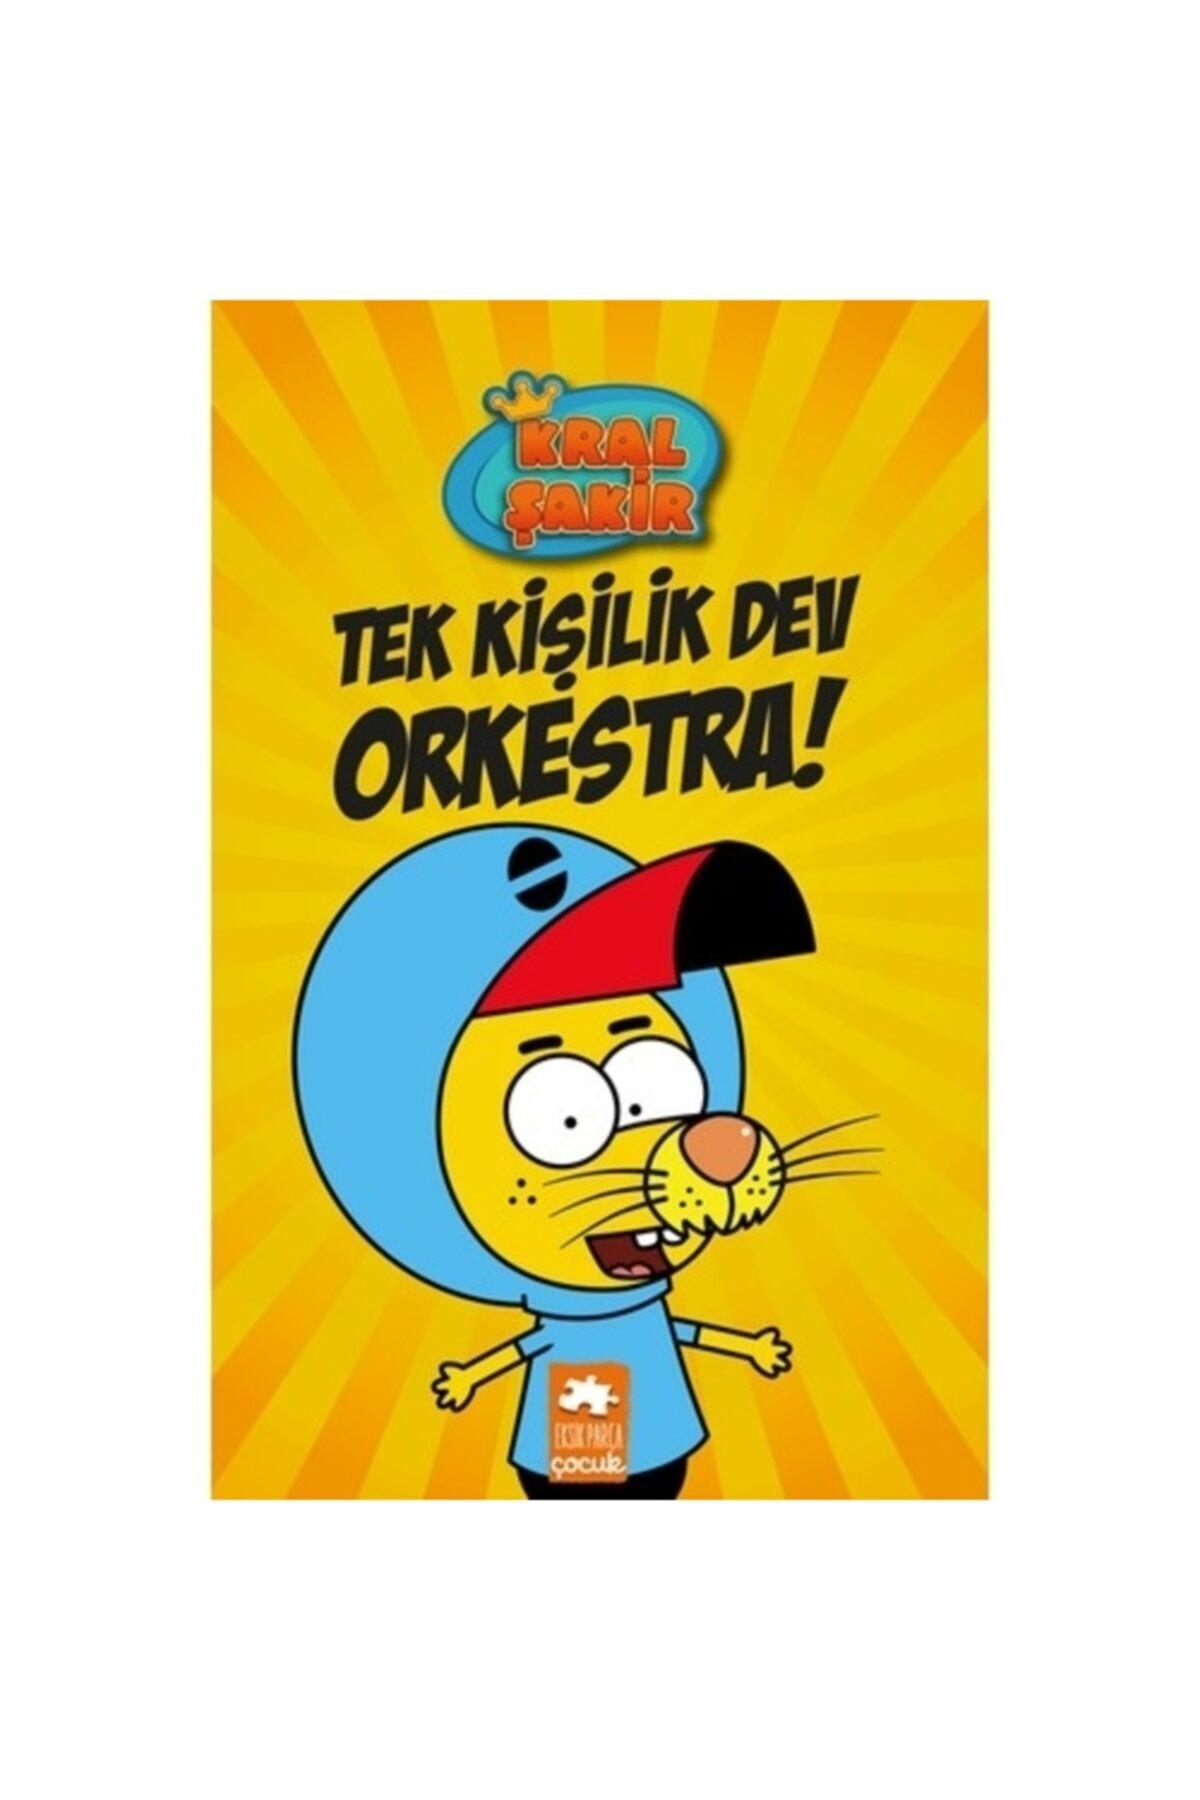 Tek Kişilik Dev Orkestra Kral Şakir Varol Yaşaroğlu